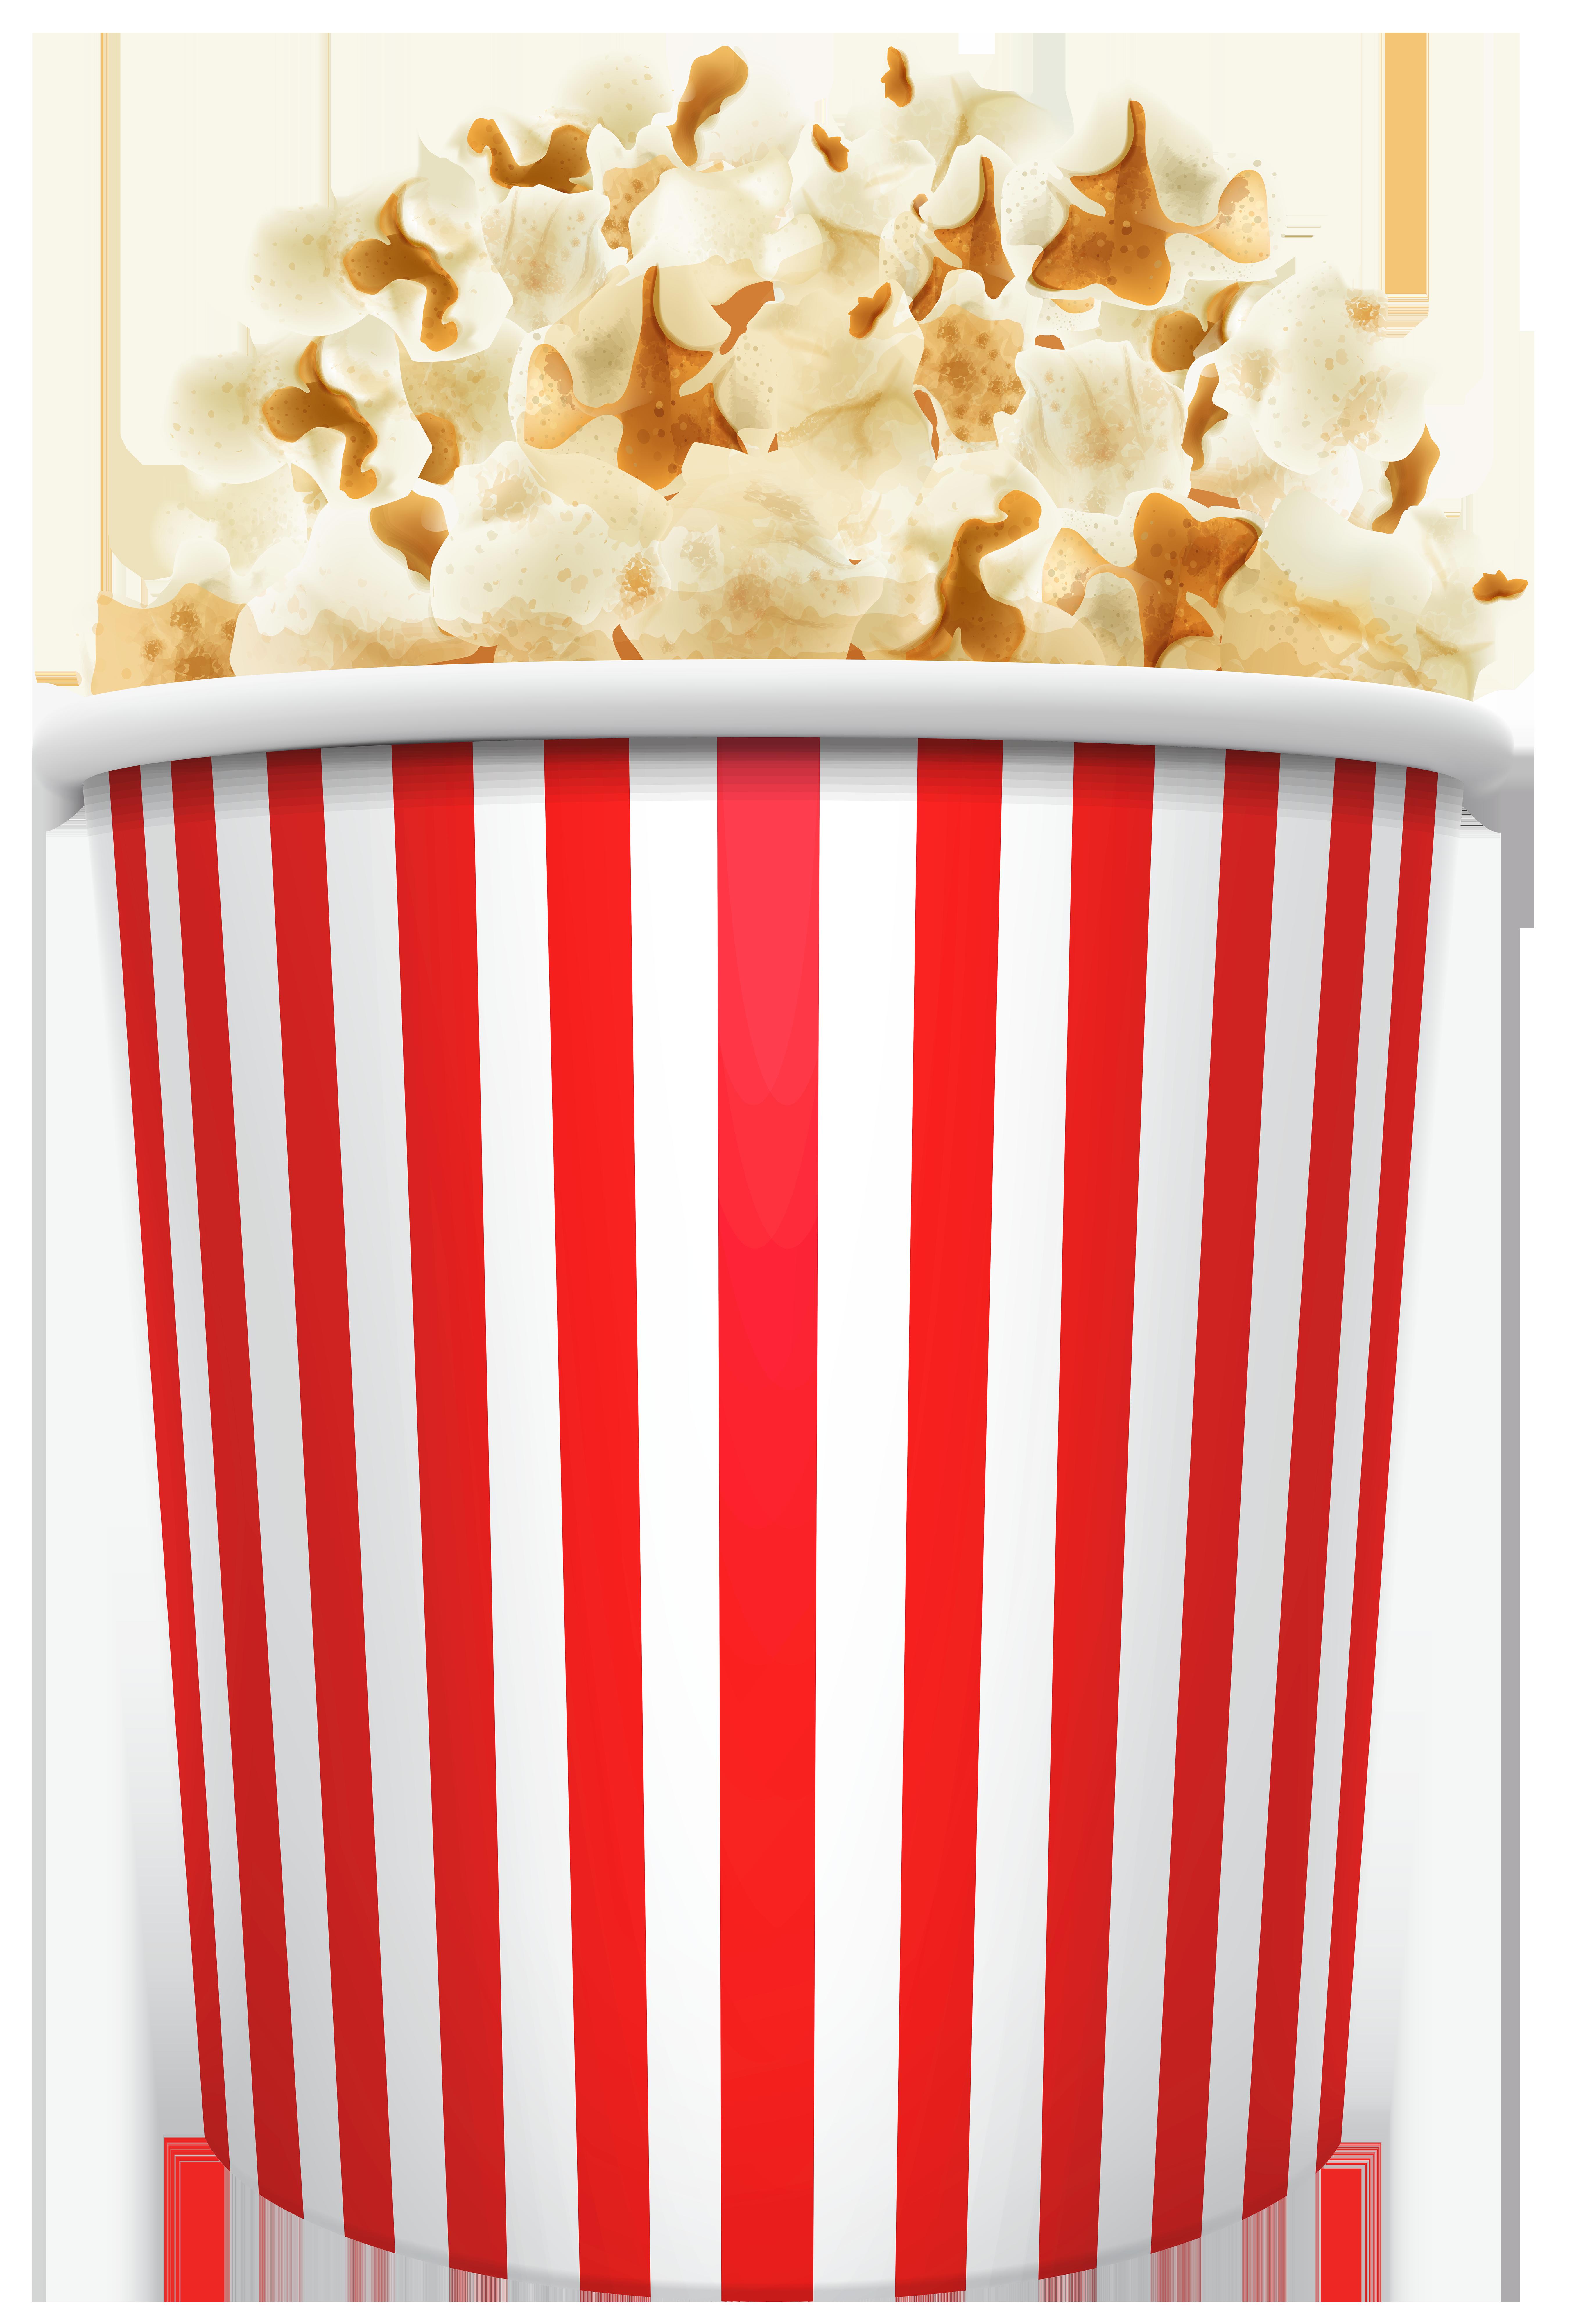 Box png clip art. Clipart trees popcorn